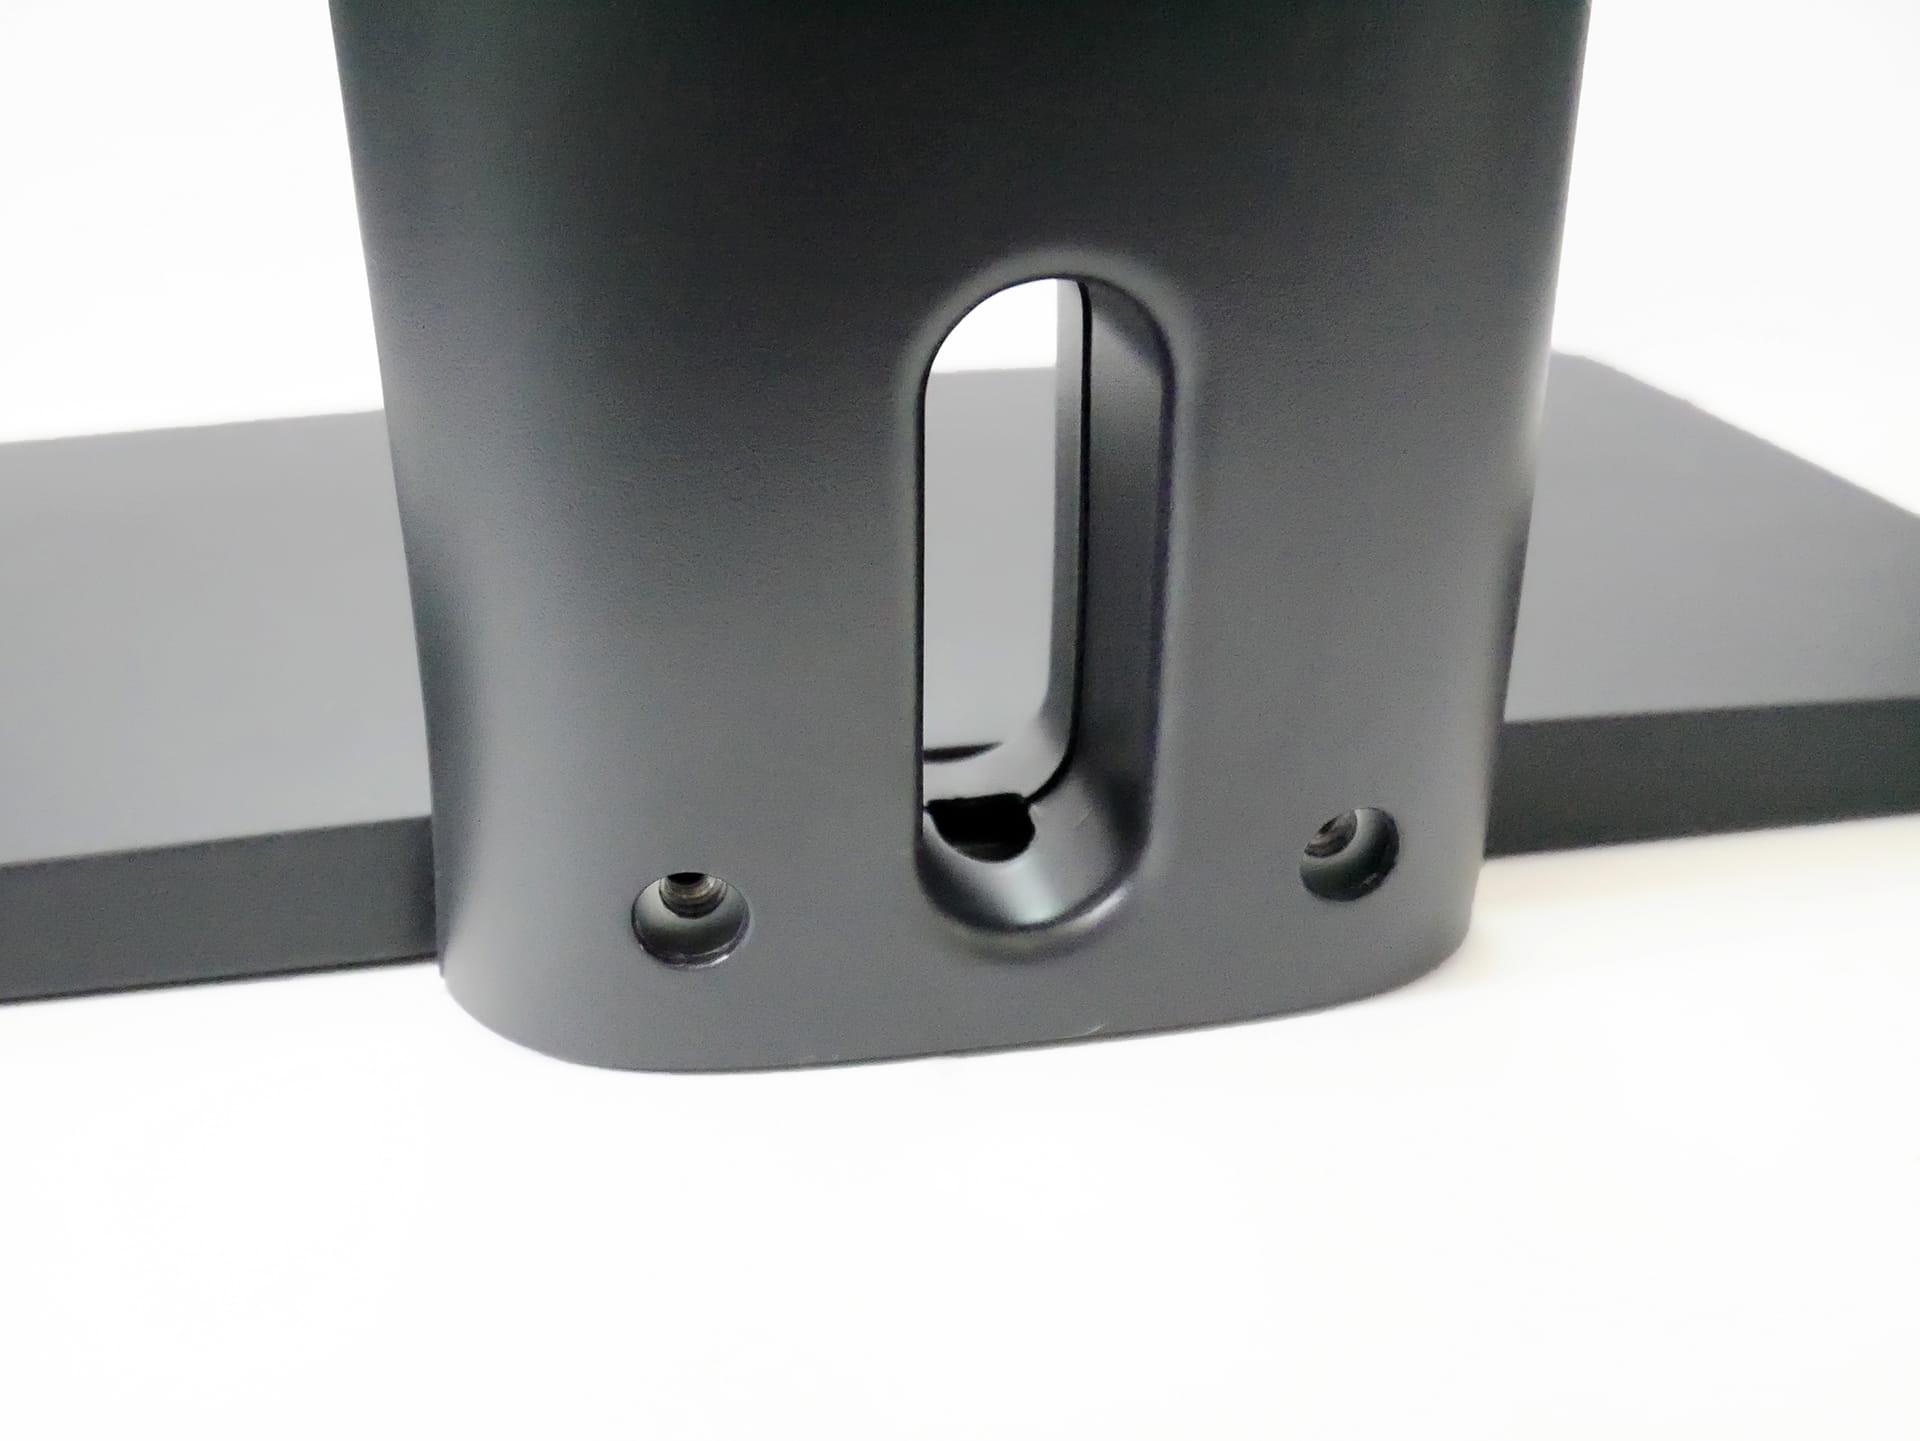 Amazonベーシック LCDモニタースタンドの台座とスタンドを固定